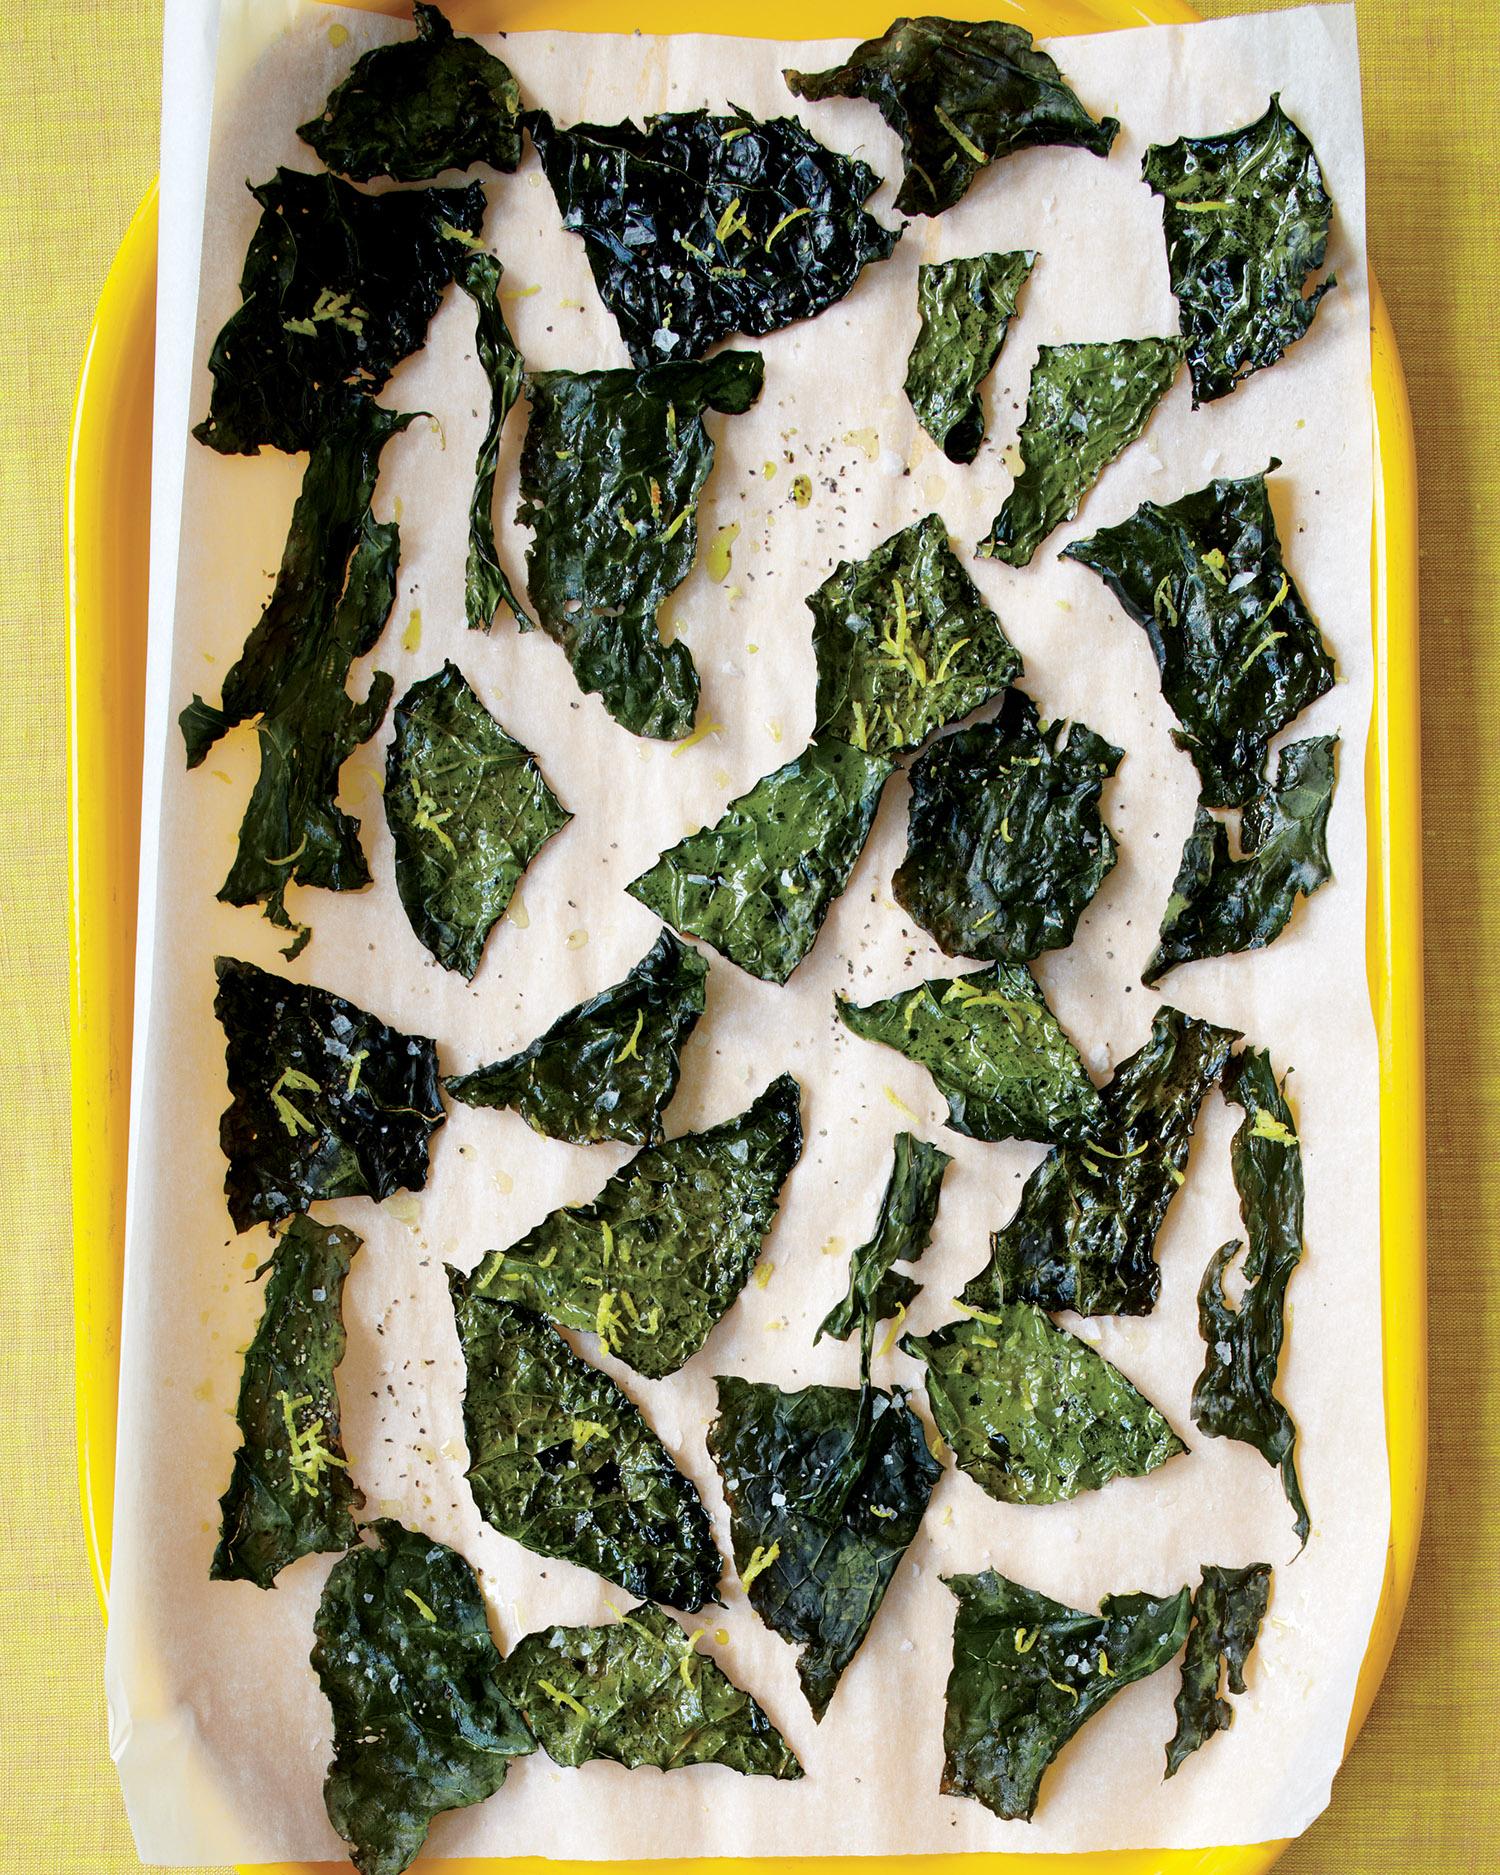 Lemon-Pepper Kale Chips